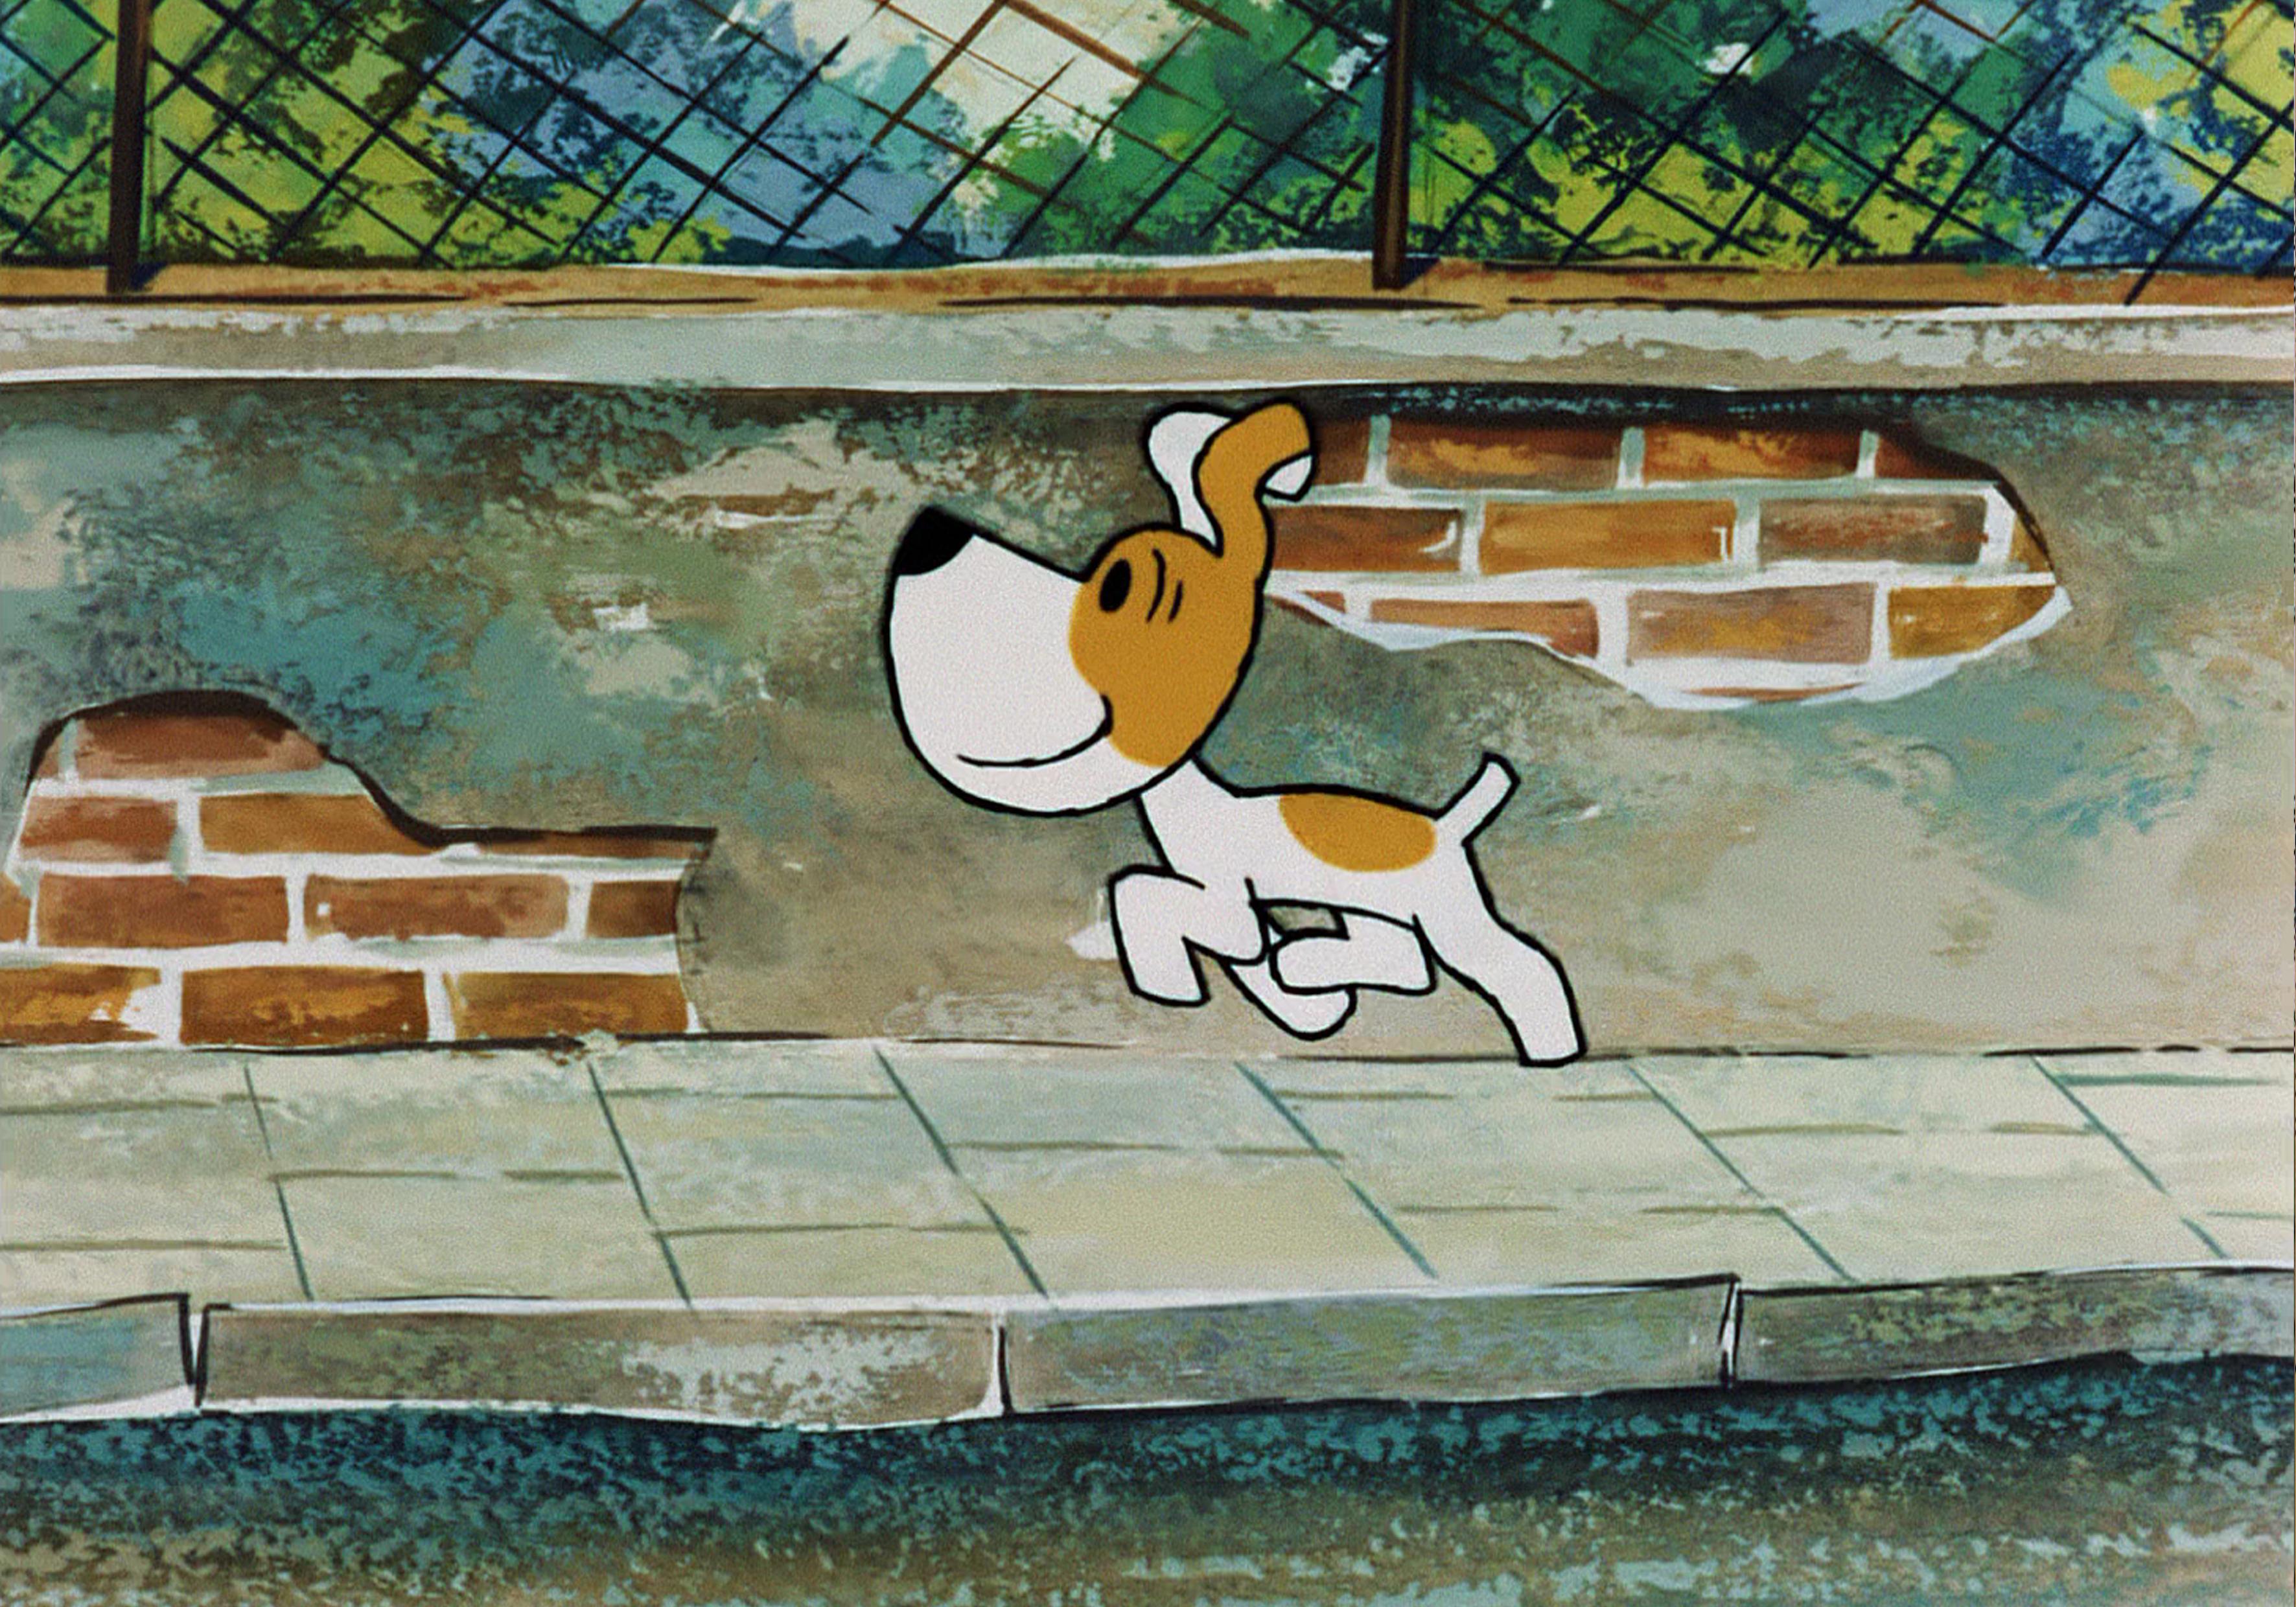 Biało brązowy pies radośnie biegnie po chodniku.